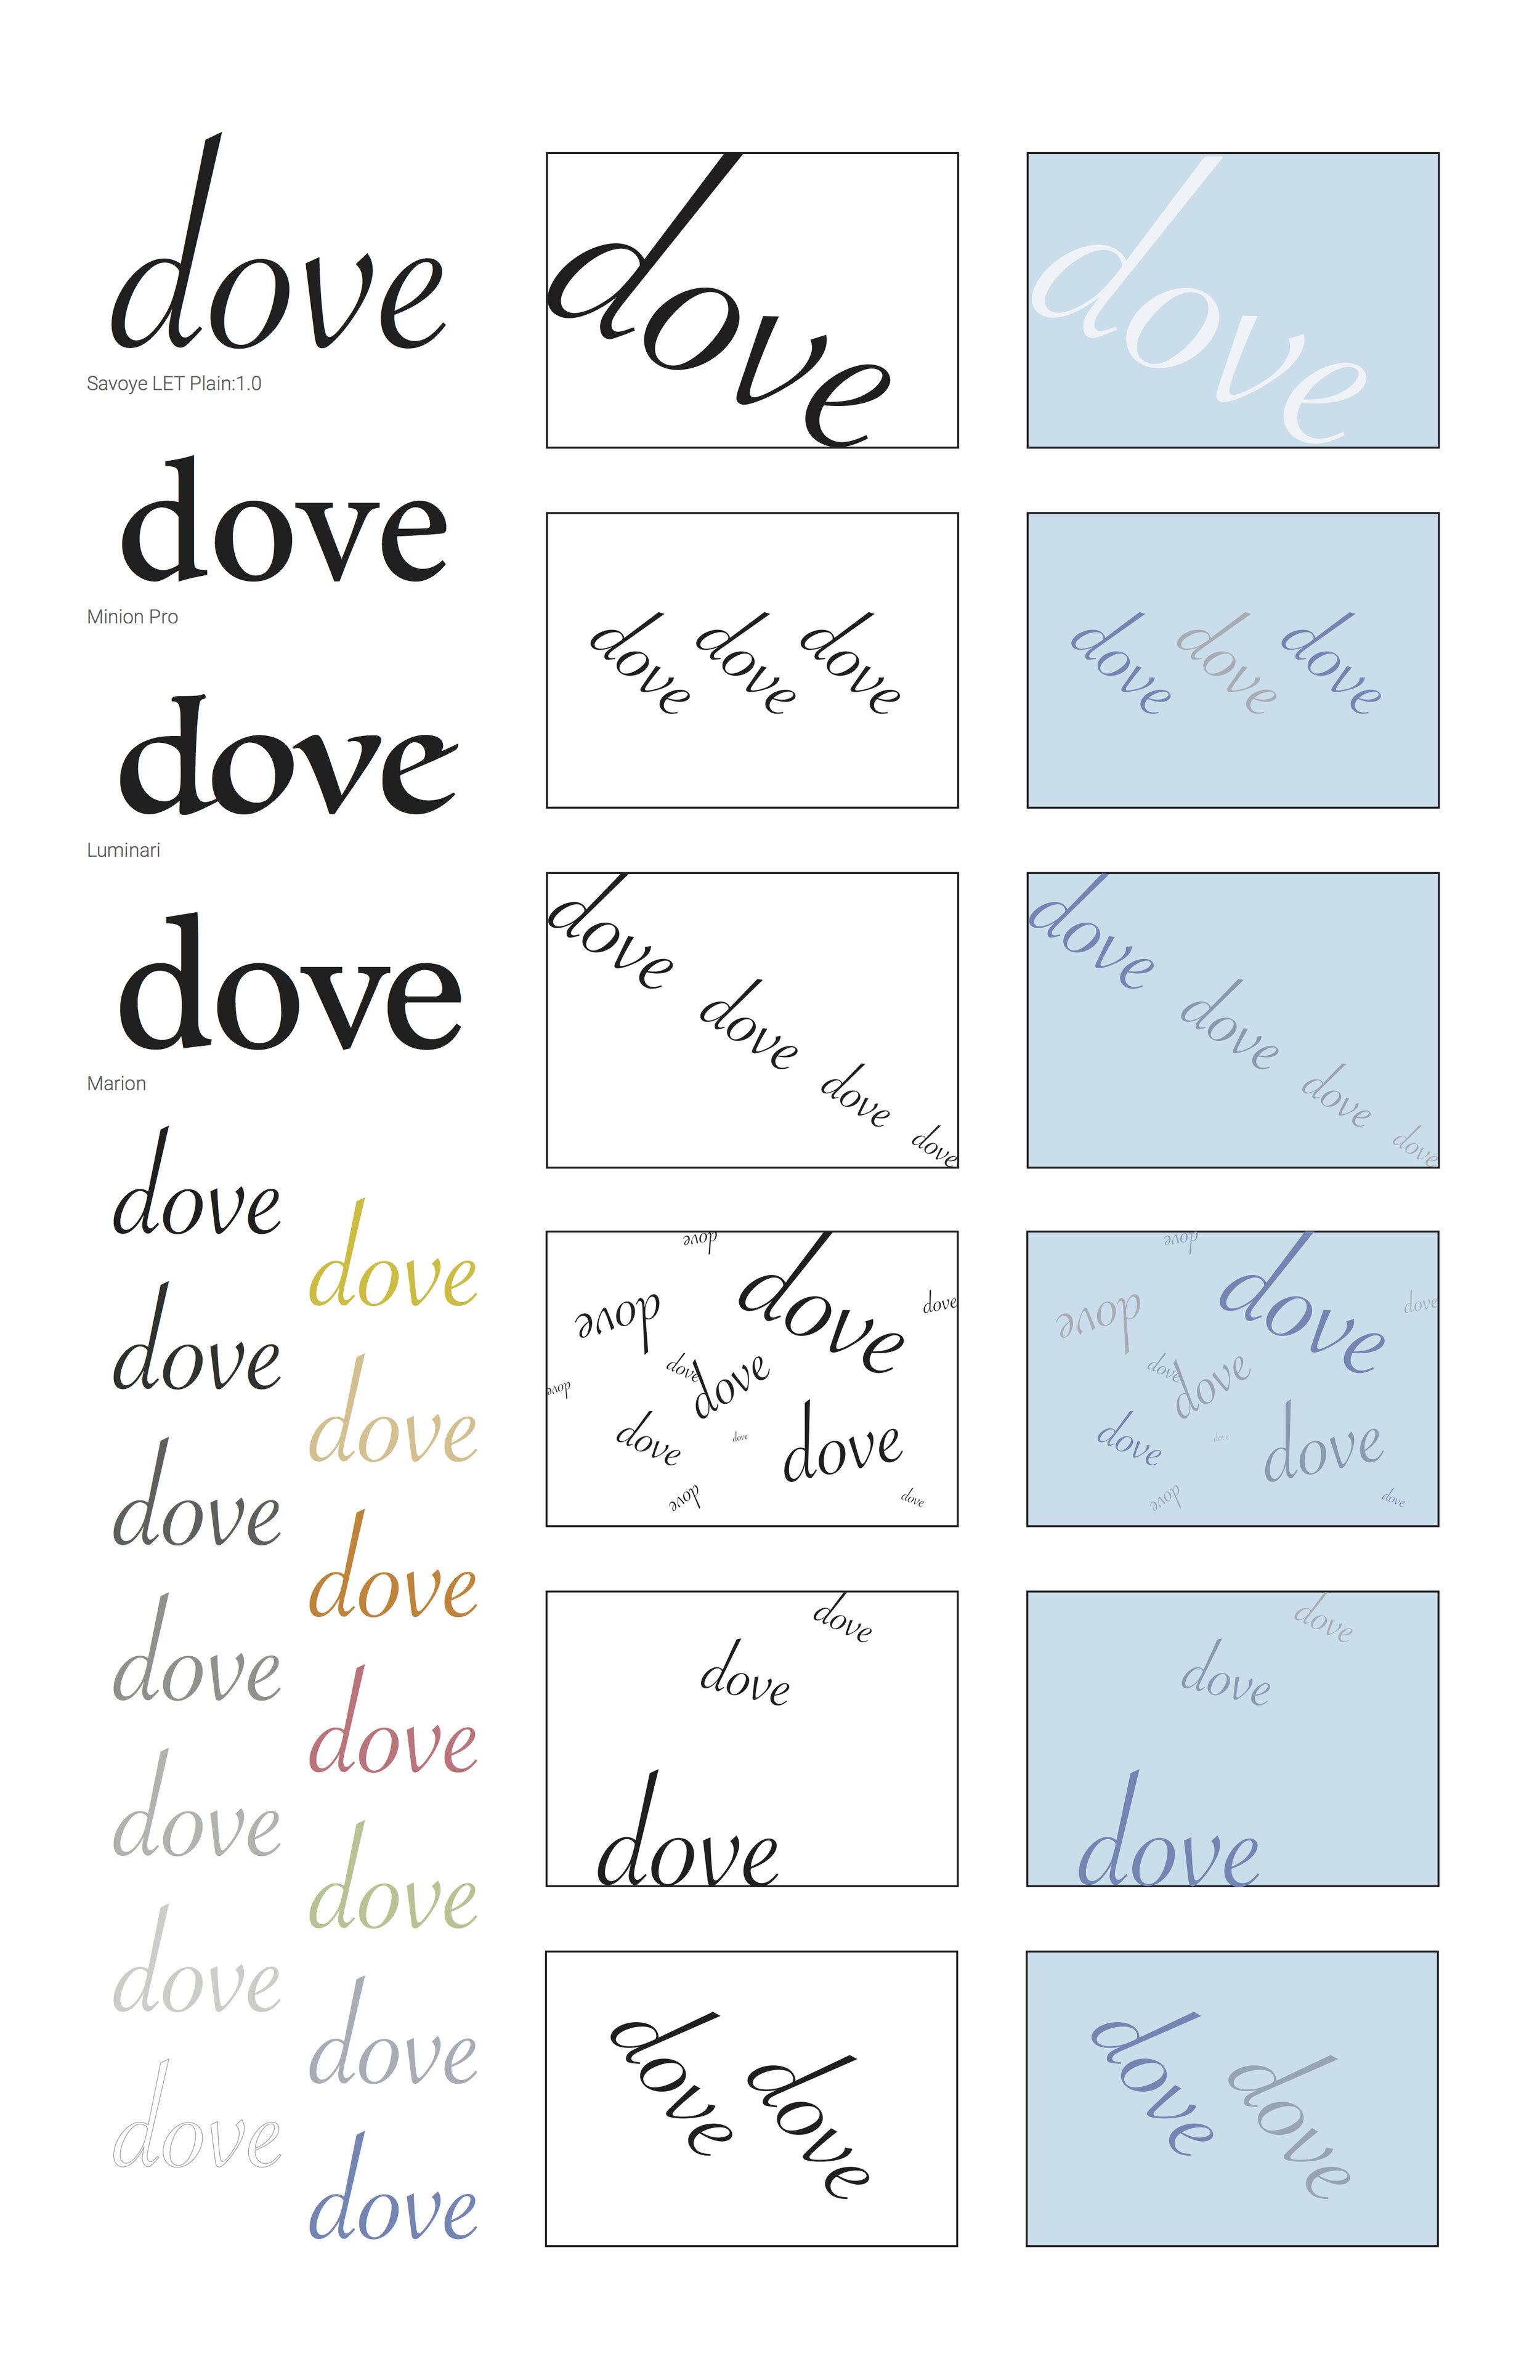 Dove_Bird.jpg